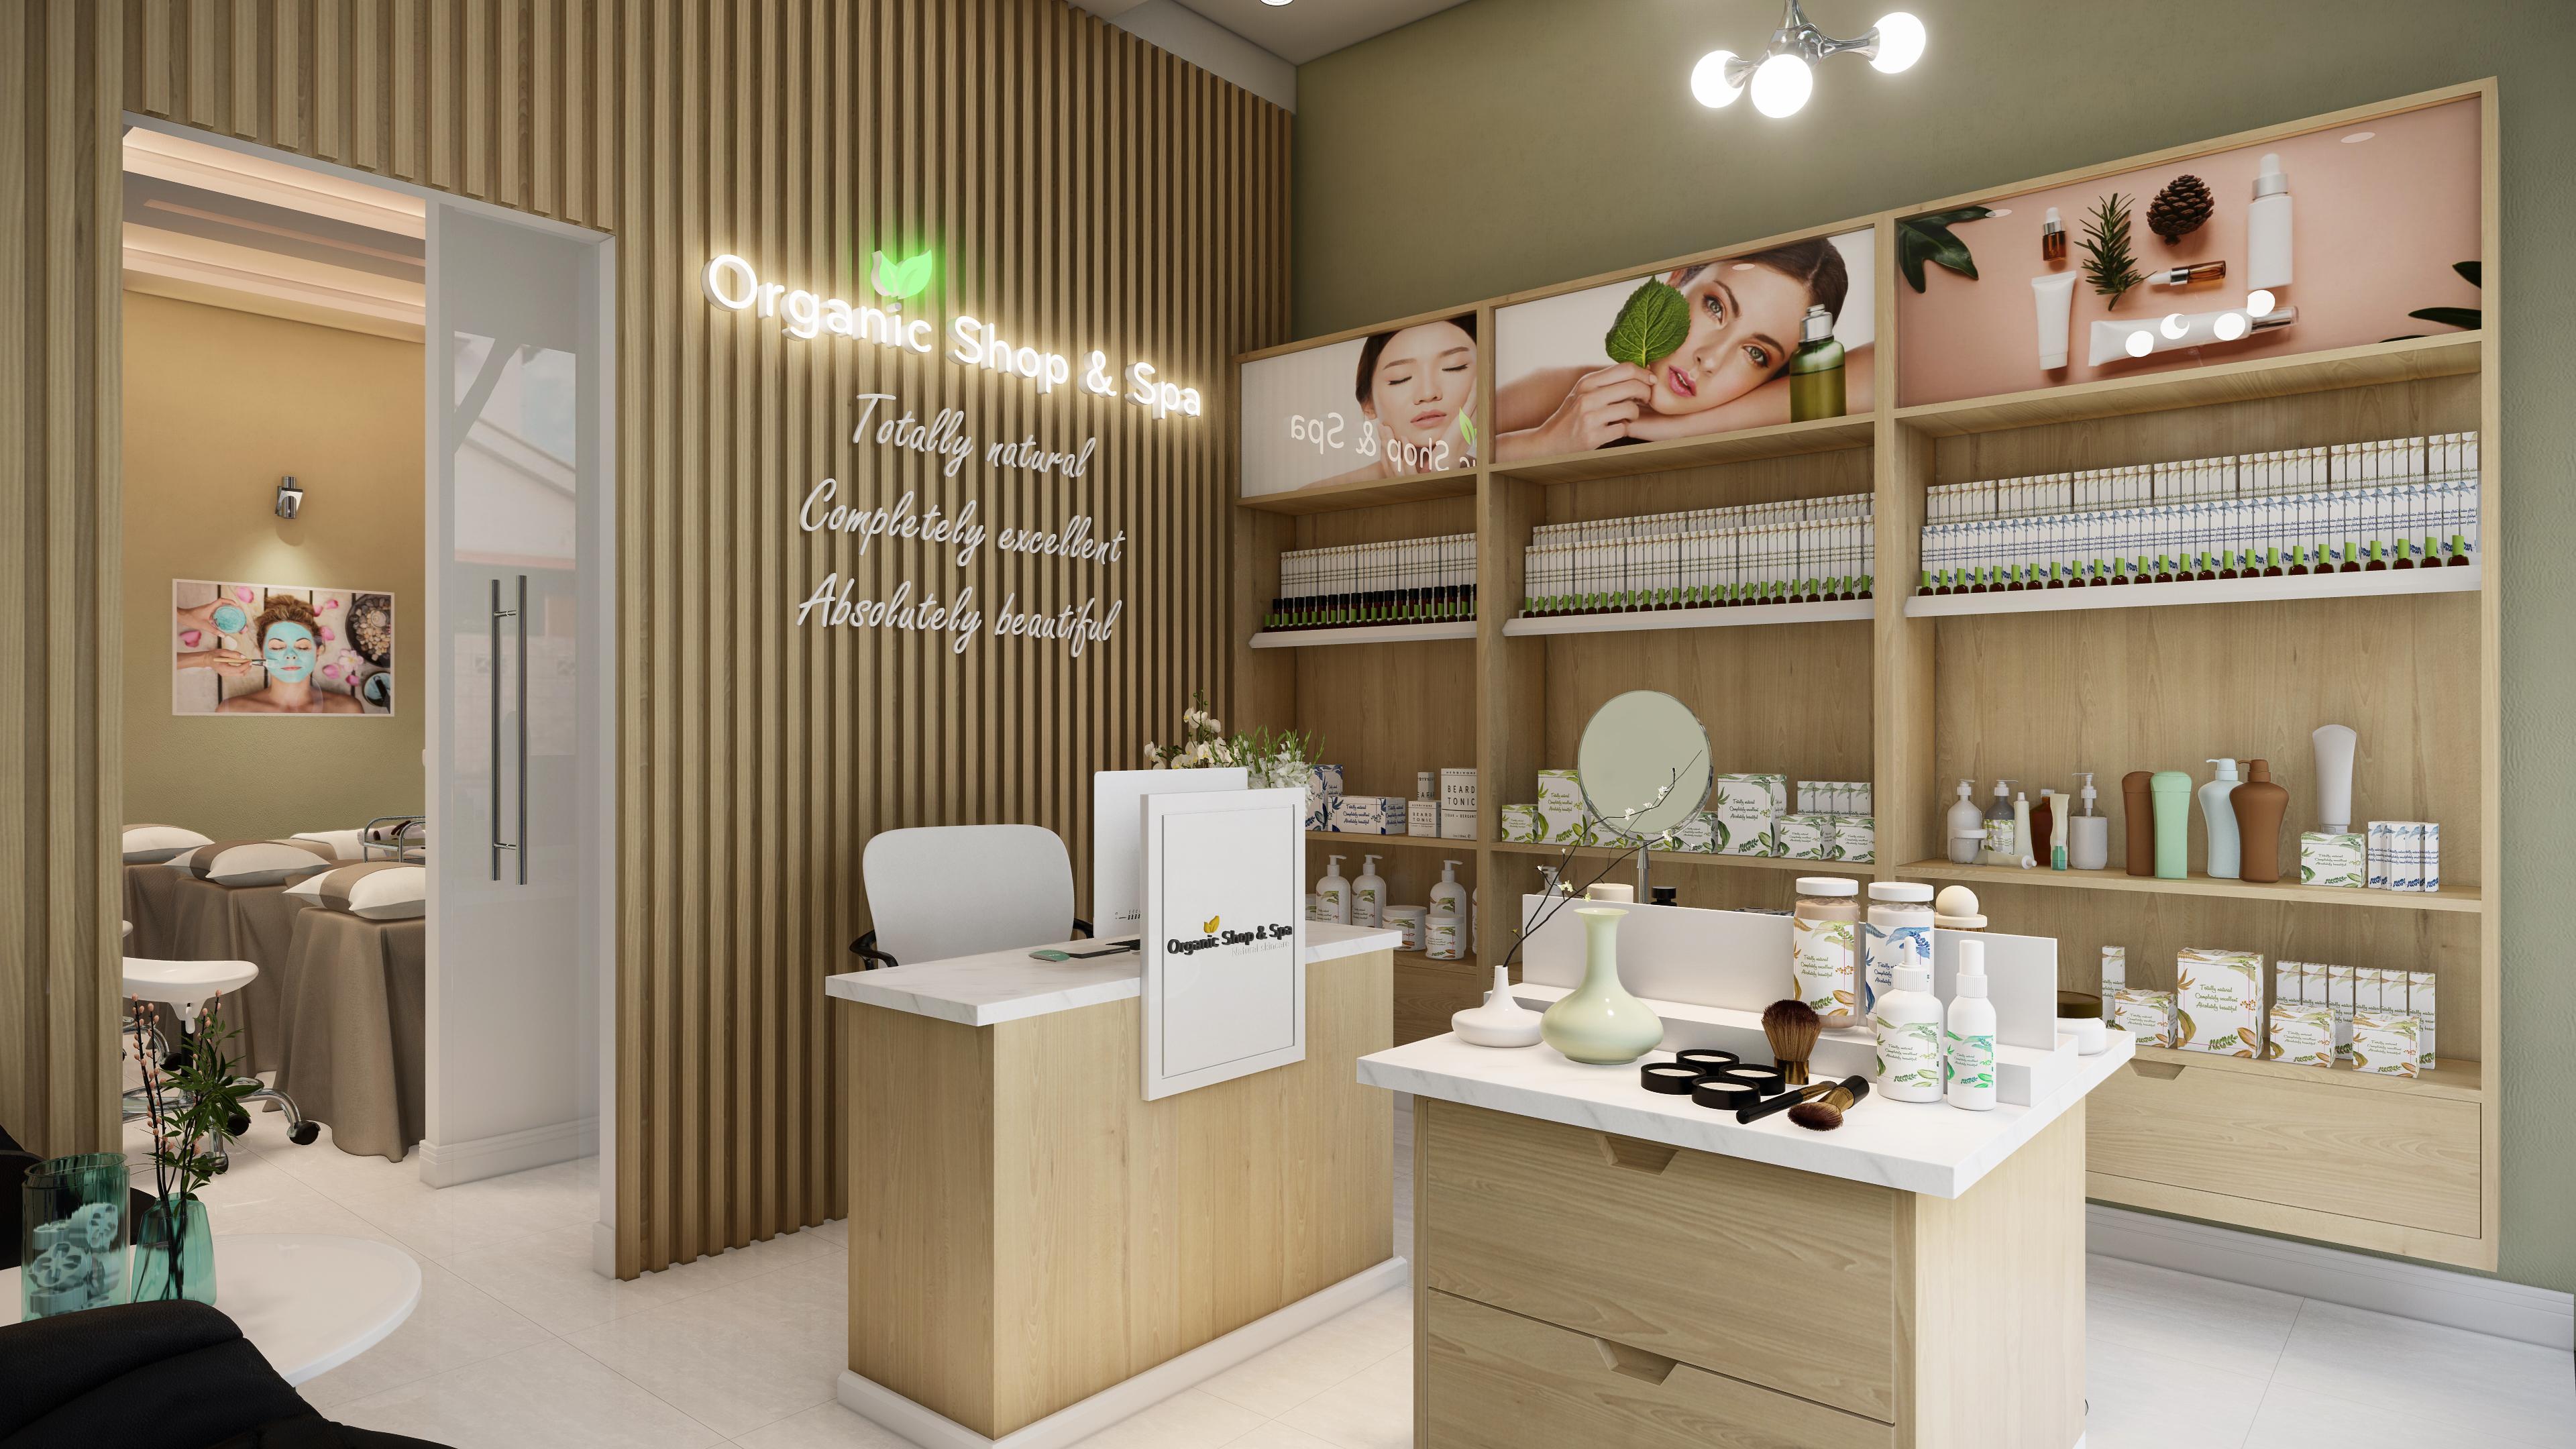 Thiết kế nội thất Spa tại Hồ Chí Minh HCM.MRGIANG-SHOP&SPA 1590203831 2